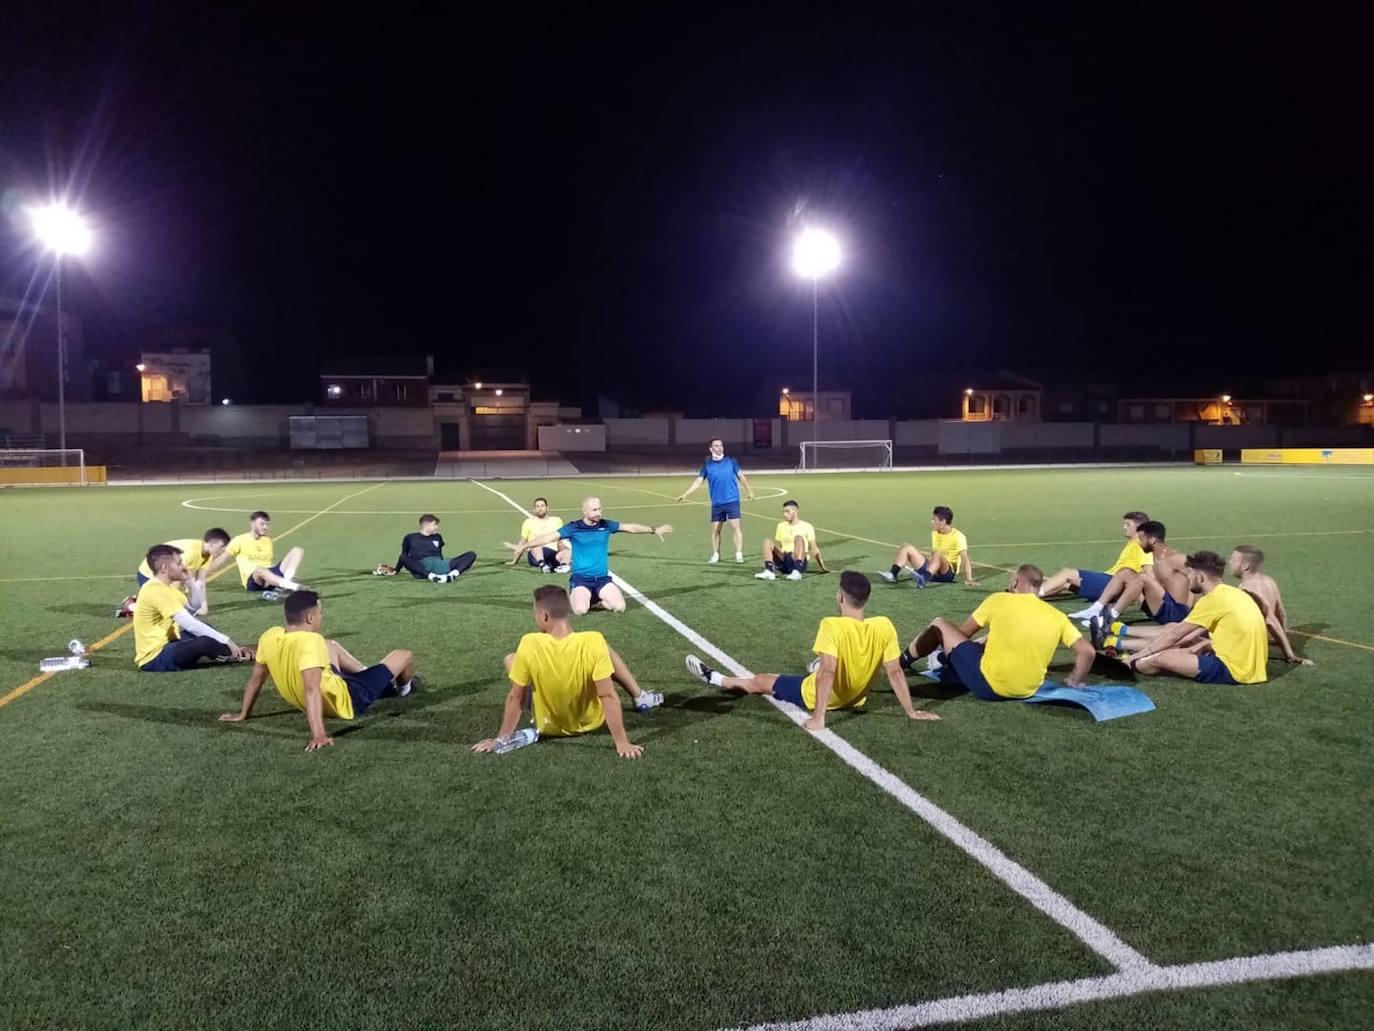 El Ilipense Zalamea juega este domingo en casa contra el C.P. Valdivia